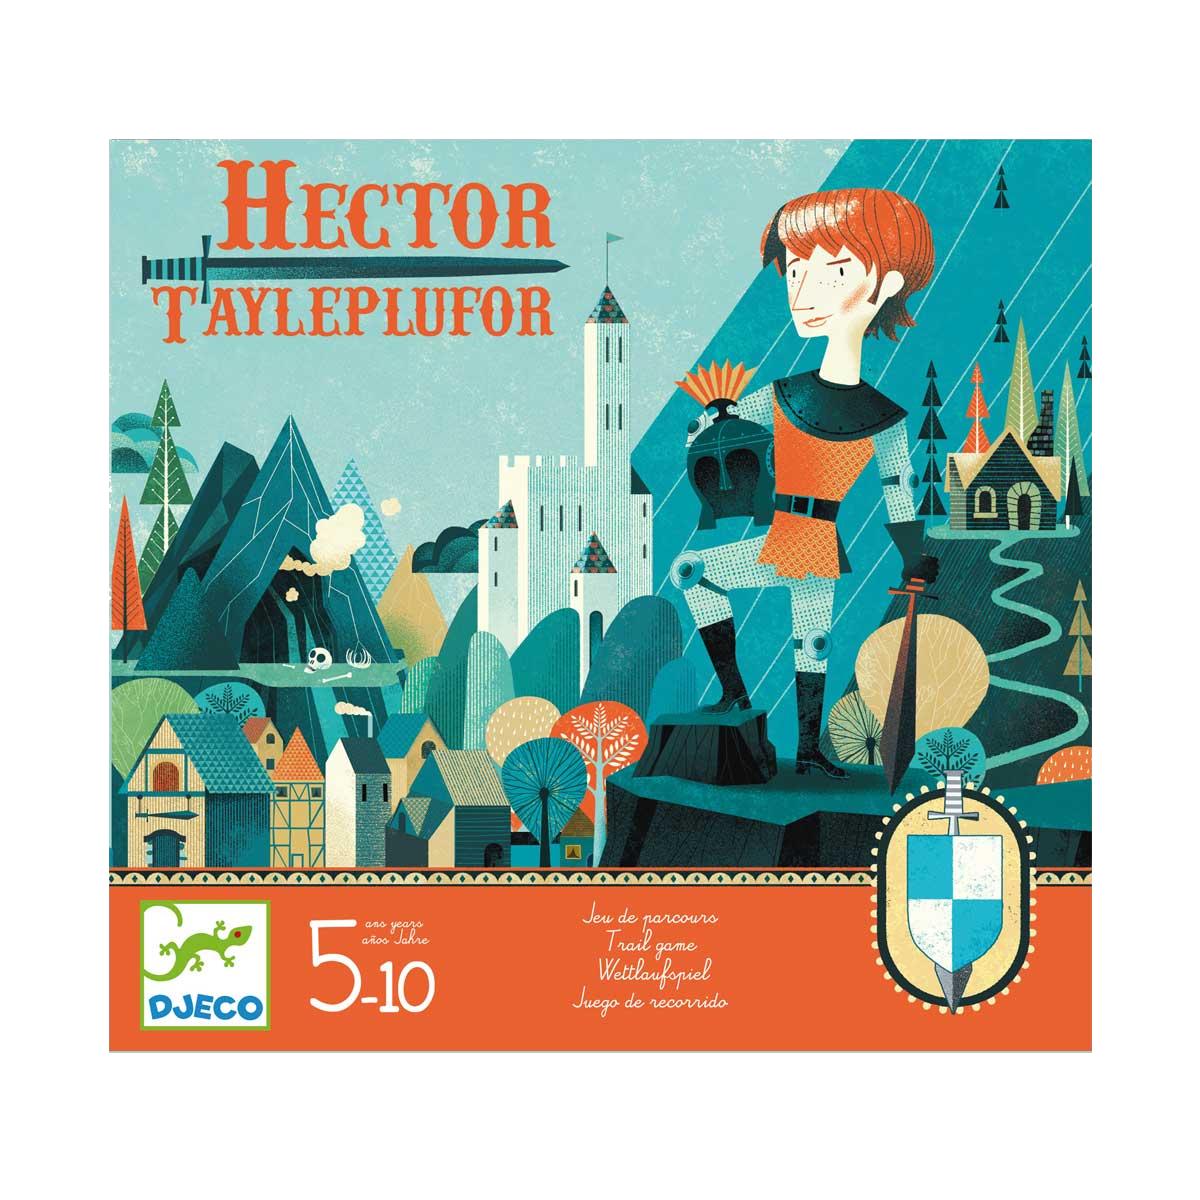 hector taylefplufor